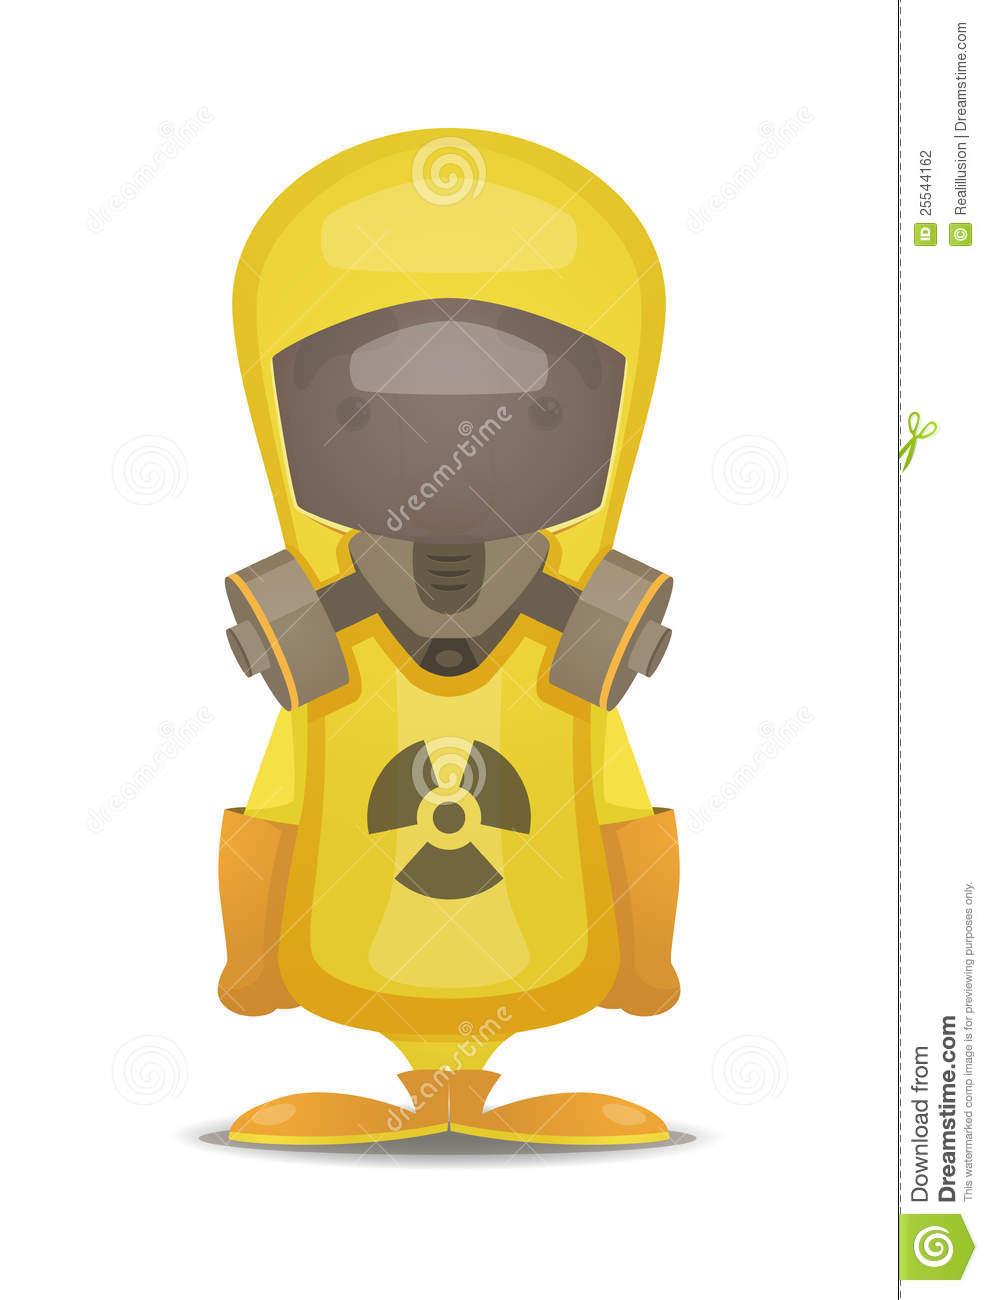 Hazmat suit clipart 3 » Clipart Station.